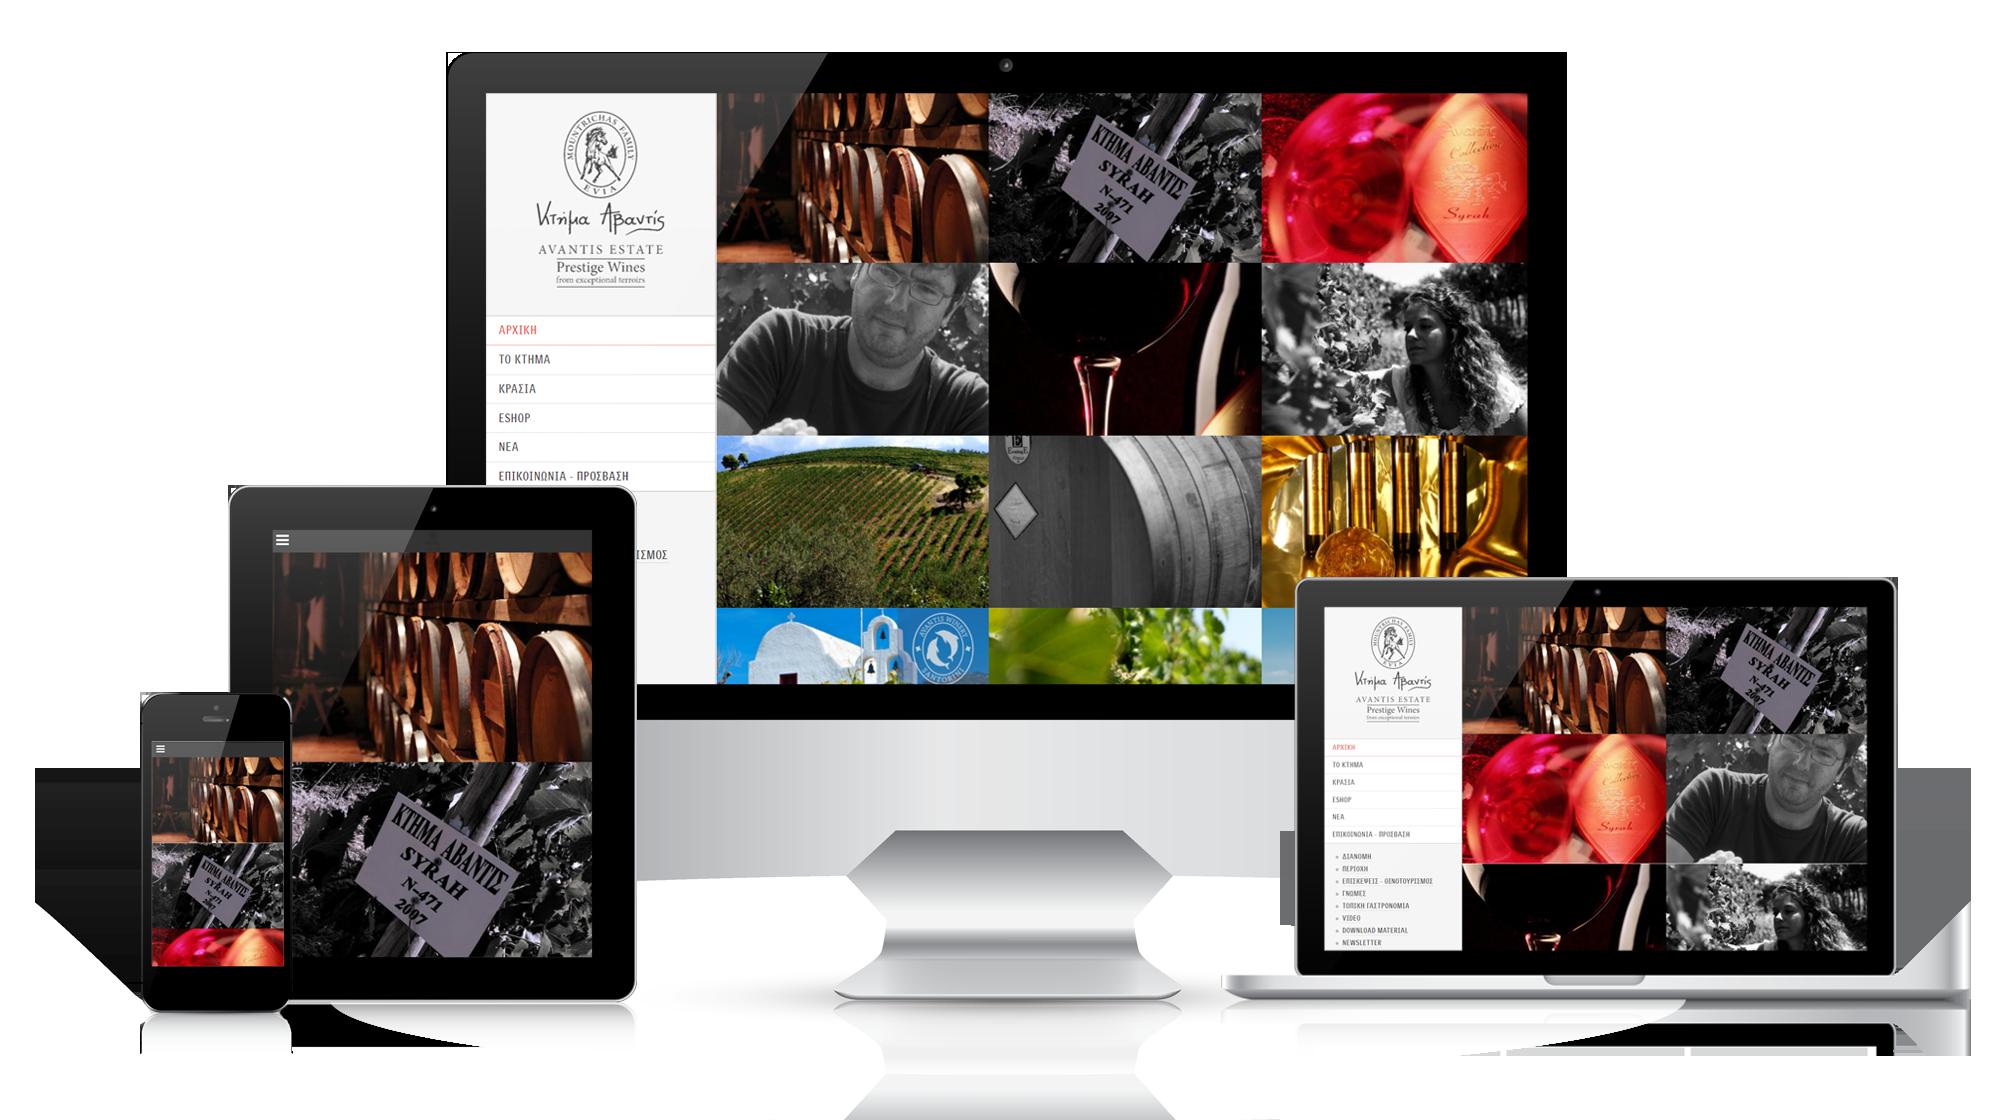 A3-DIGITAL-AVANTIS-WEBSITE